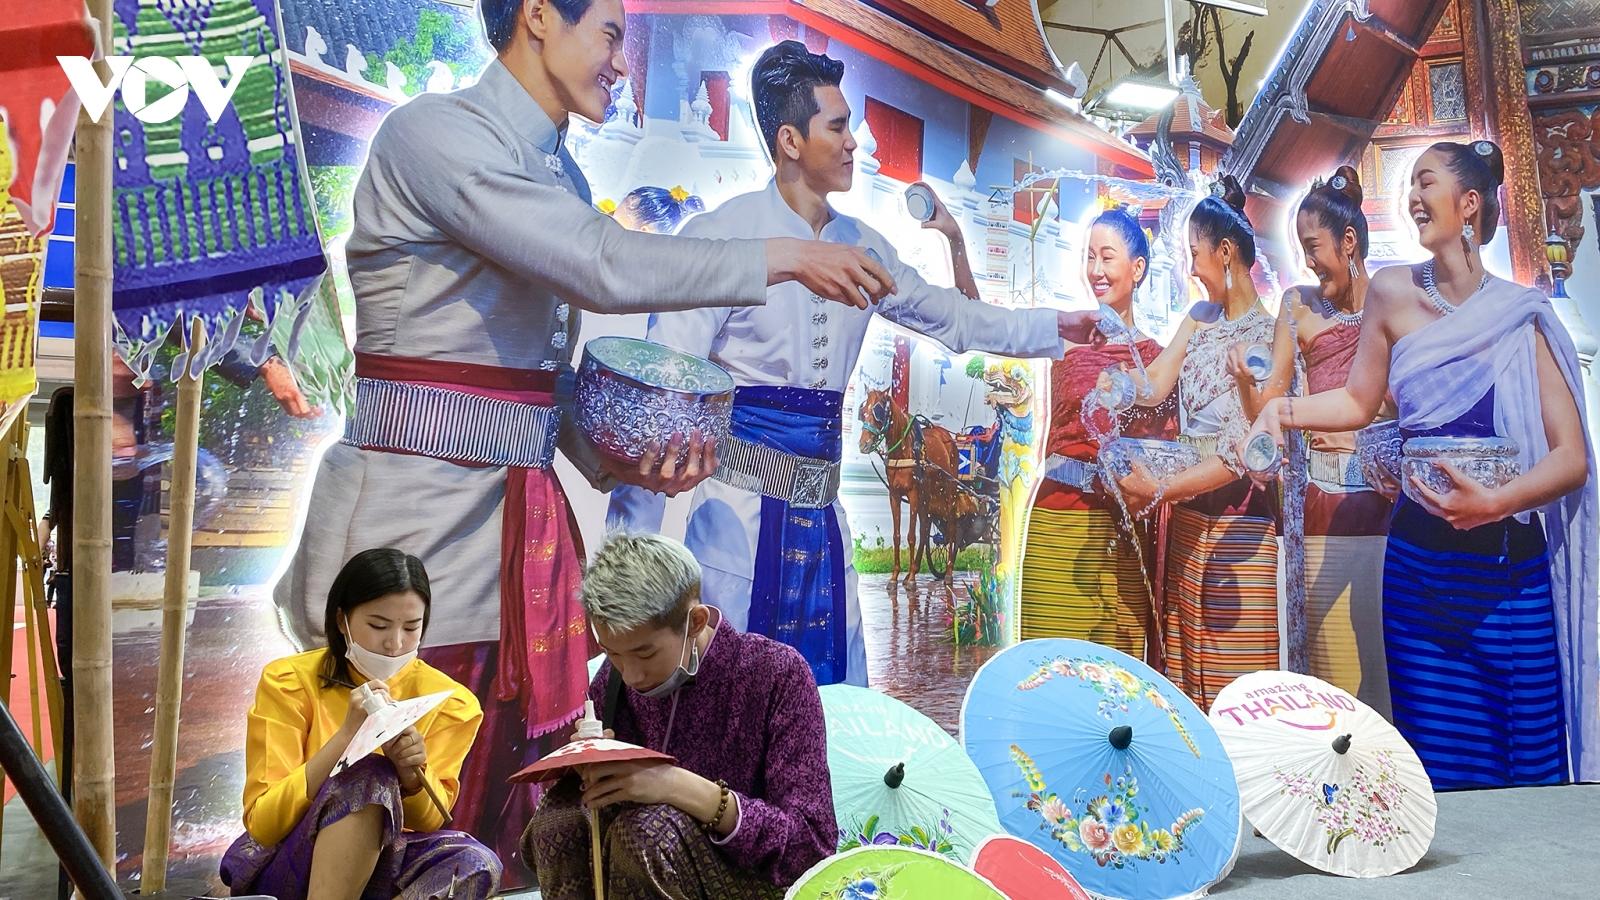 Tái hiện nghi lễ Songkran, giới thiệu ẩm thực và văn hóa Thái Lan tại Hà Nội